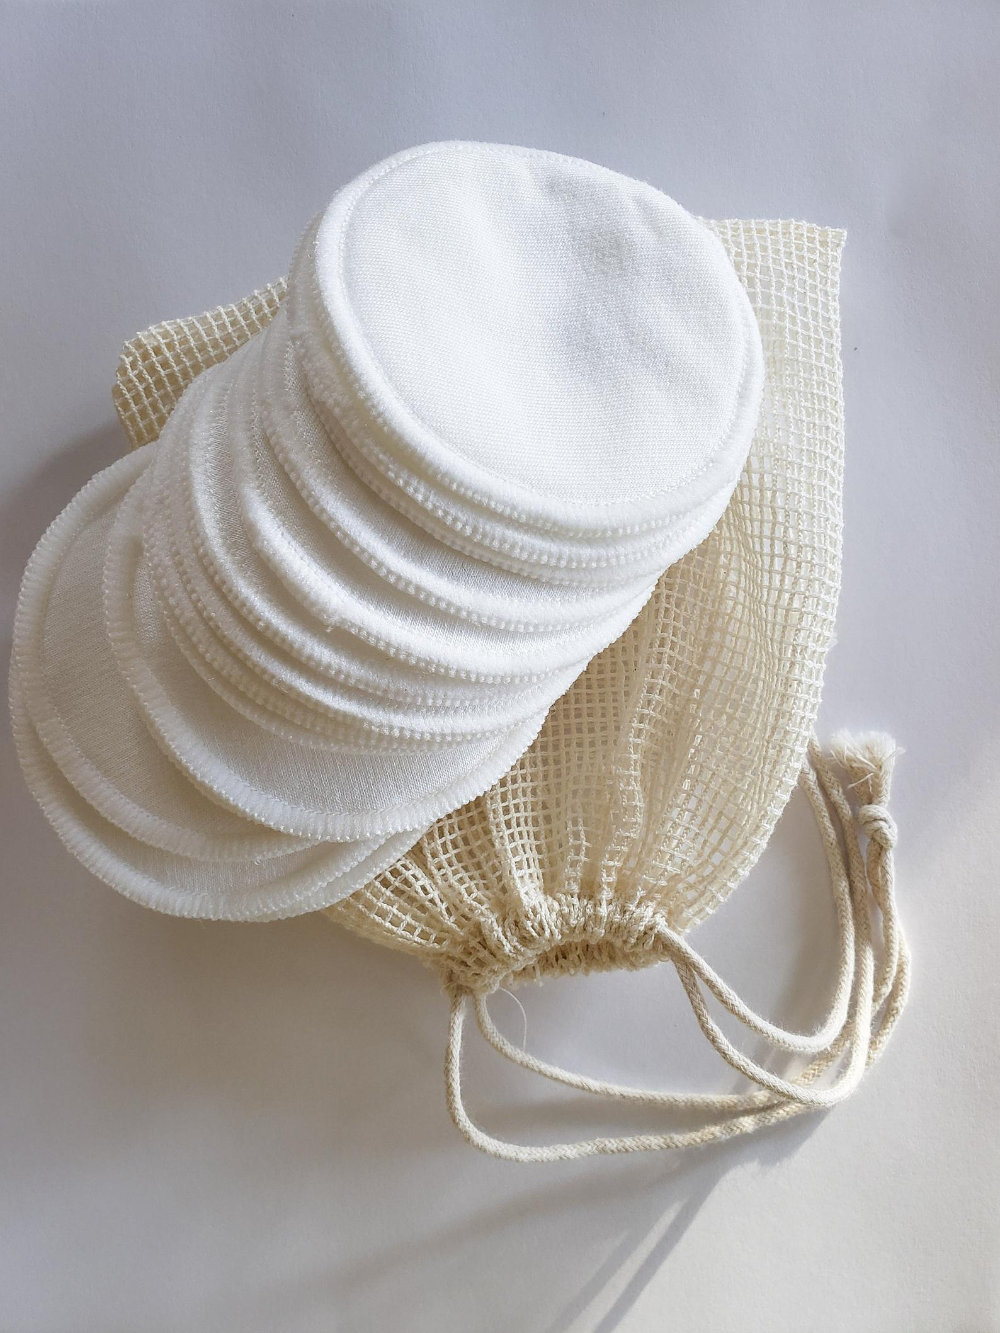 16 Organic Reusable Cotton facial Rounds, Zero Waste